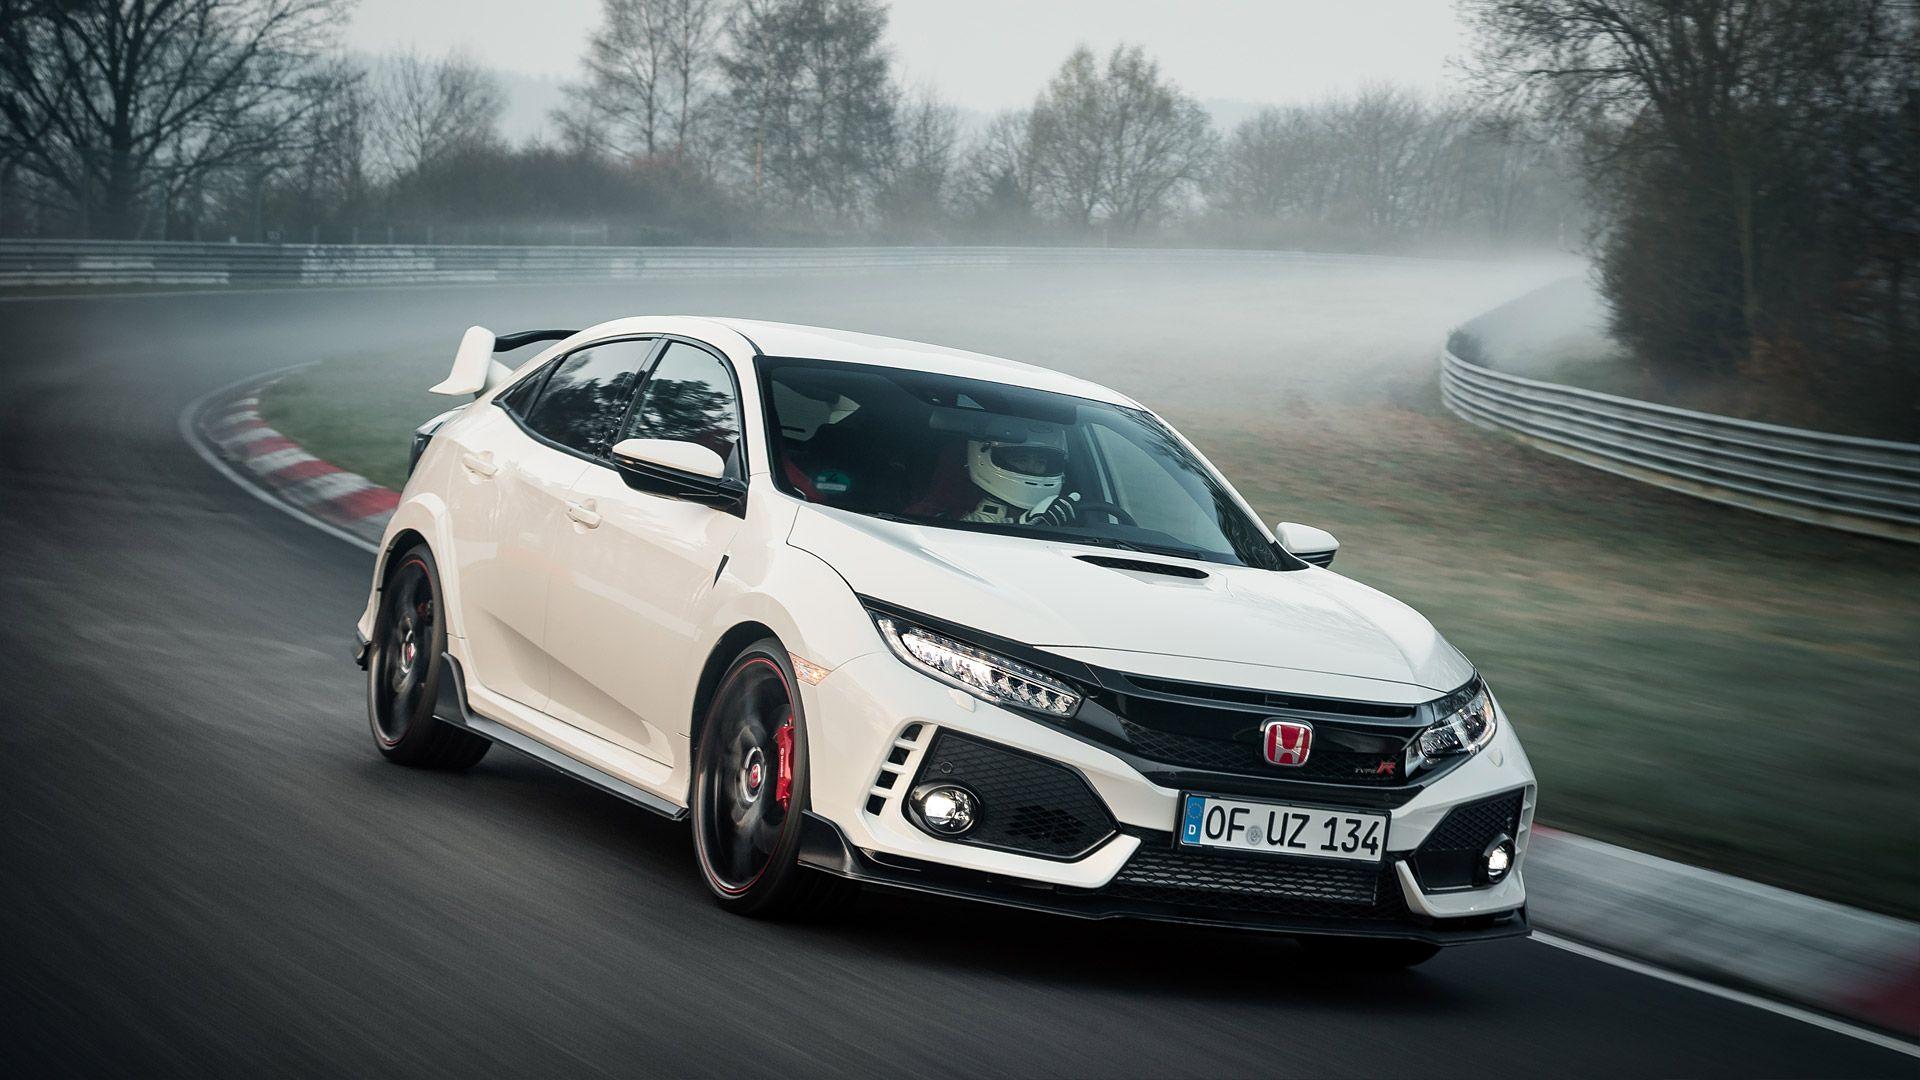 Honda Civic Type R Wallpaper Images Zbp Cars Desktop Hd